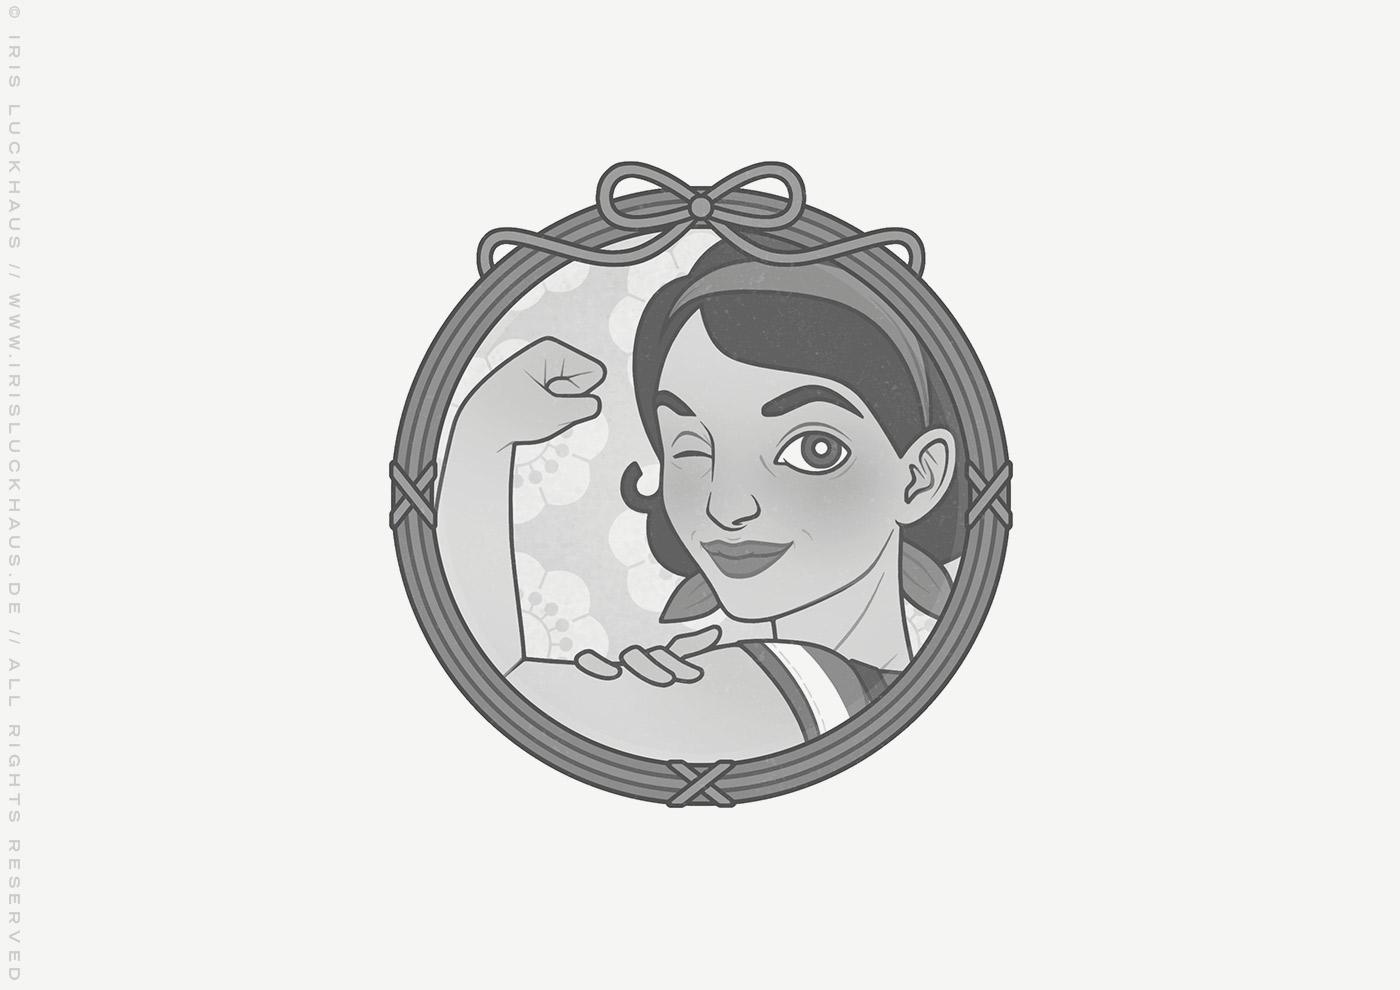 Vignette von Mimi Fiedler in Rosie the Riveter We-Can-Do-It-Pose für das Buch Brauchsu keine Doktor, brauchsu nur diese Buch – Die Balkantherapie für Liebe, Leib und Leben von Mimi Fiedler im MVG Verlag